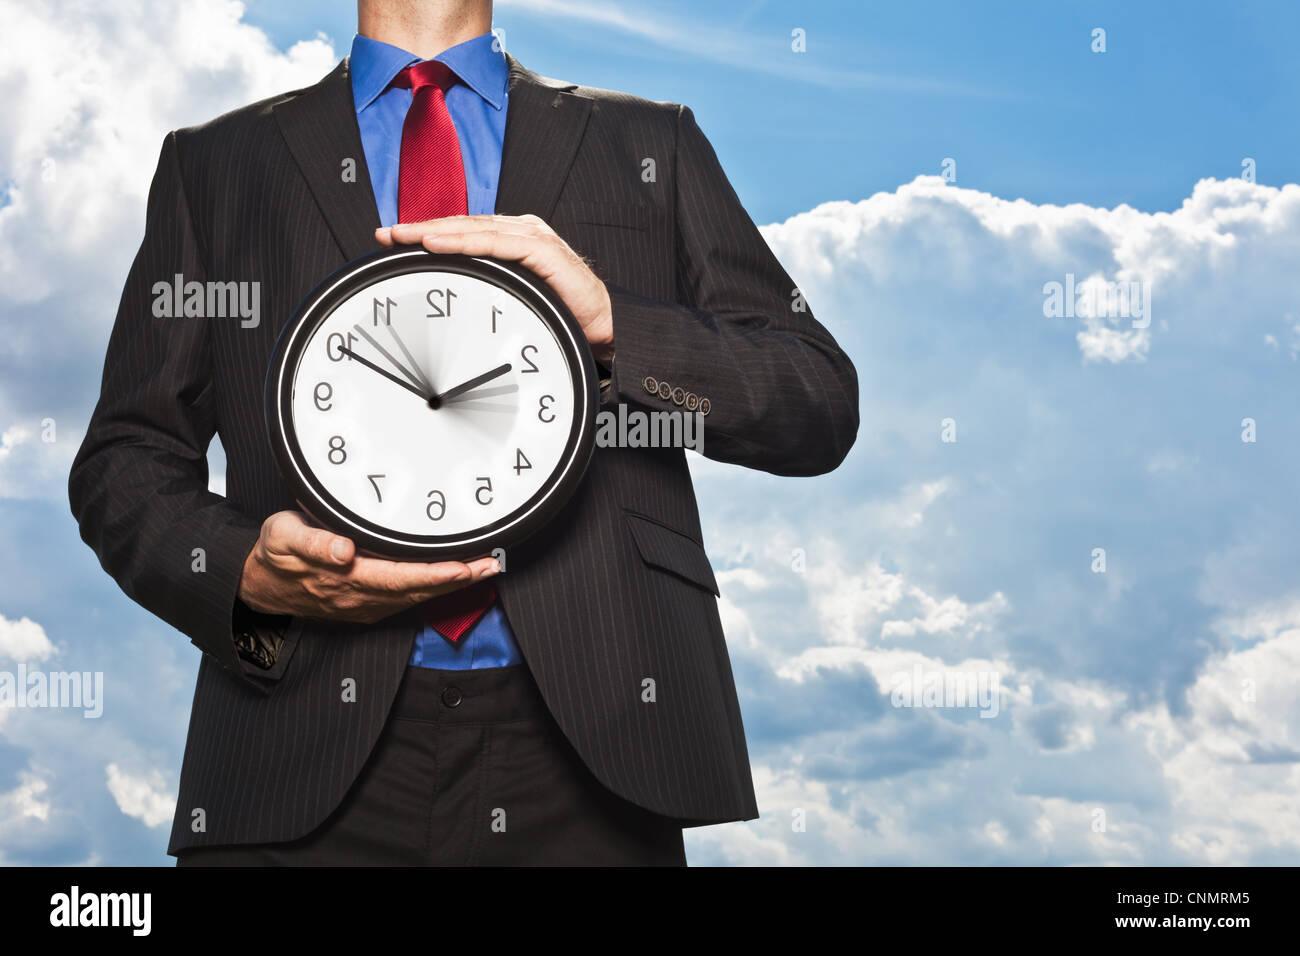 Businessman holding backwards clock - Stock Image